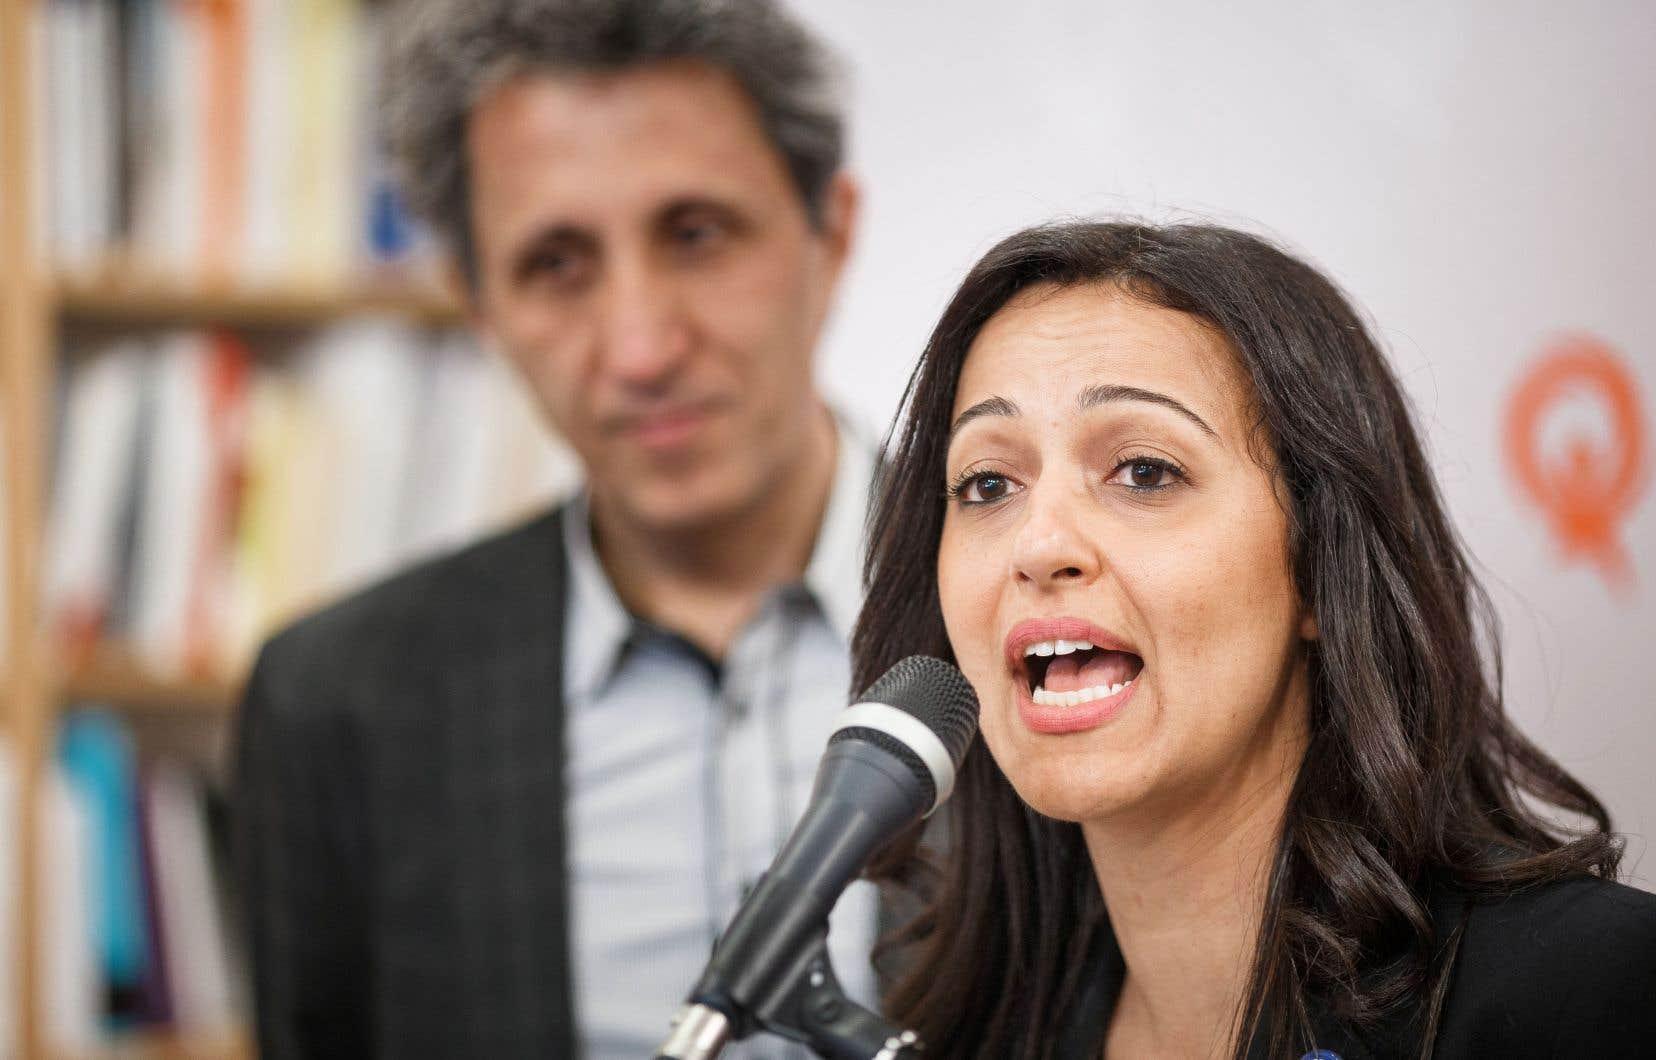 Appuyée par Amir Khadir, Ruba Ghazal a confirmé sa mise en candidature lundi matin dans une librairie de l'avenue du Mont-Royal.